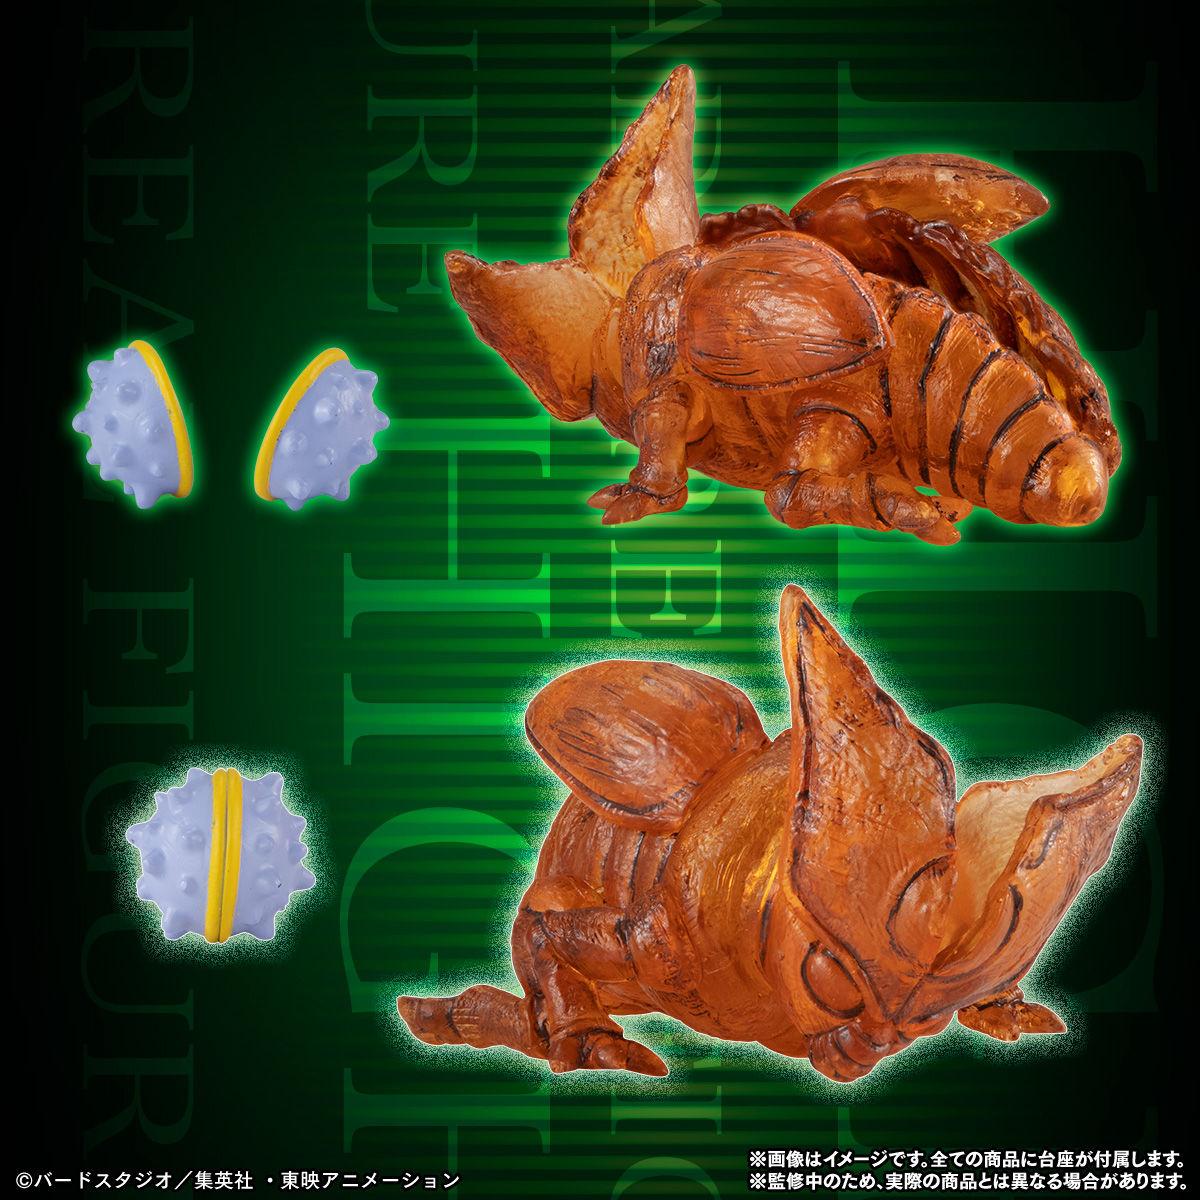 【限定販売】HGシリーズ『HG ドラゴンボール セル完全セット』全8種-007